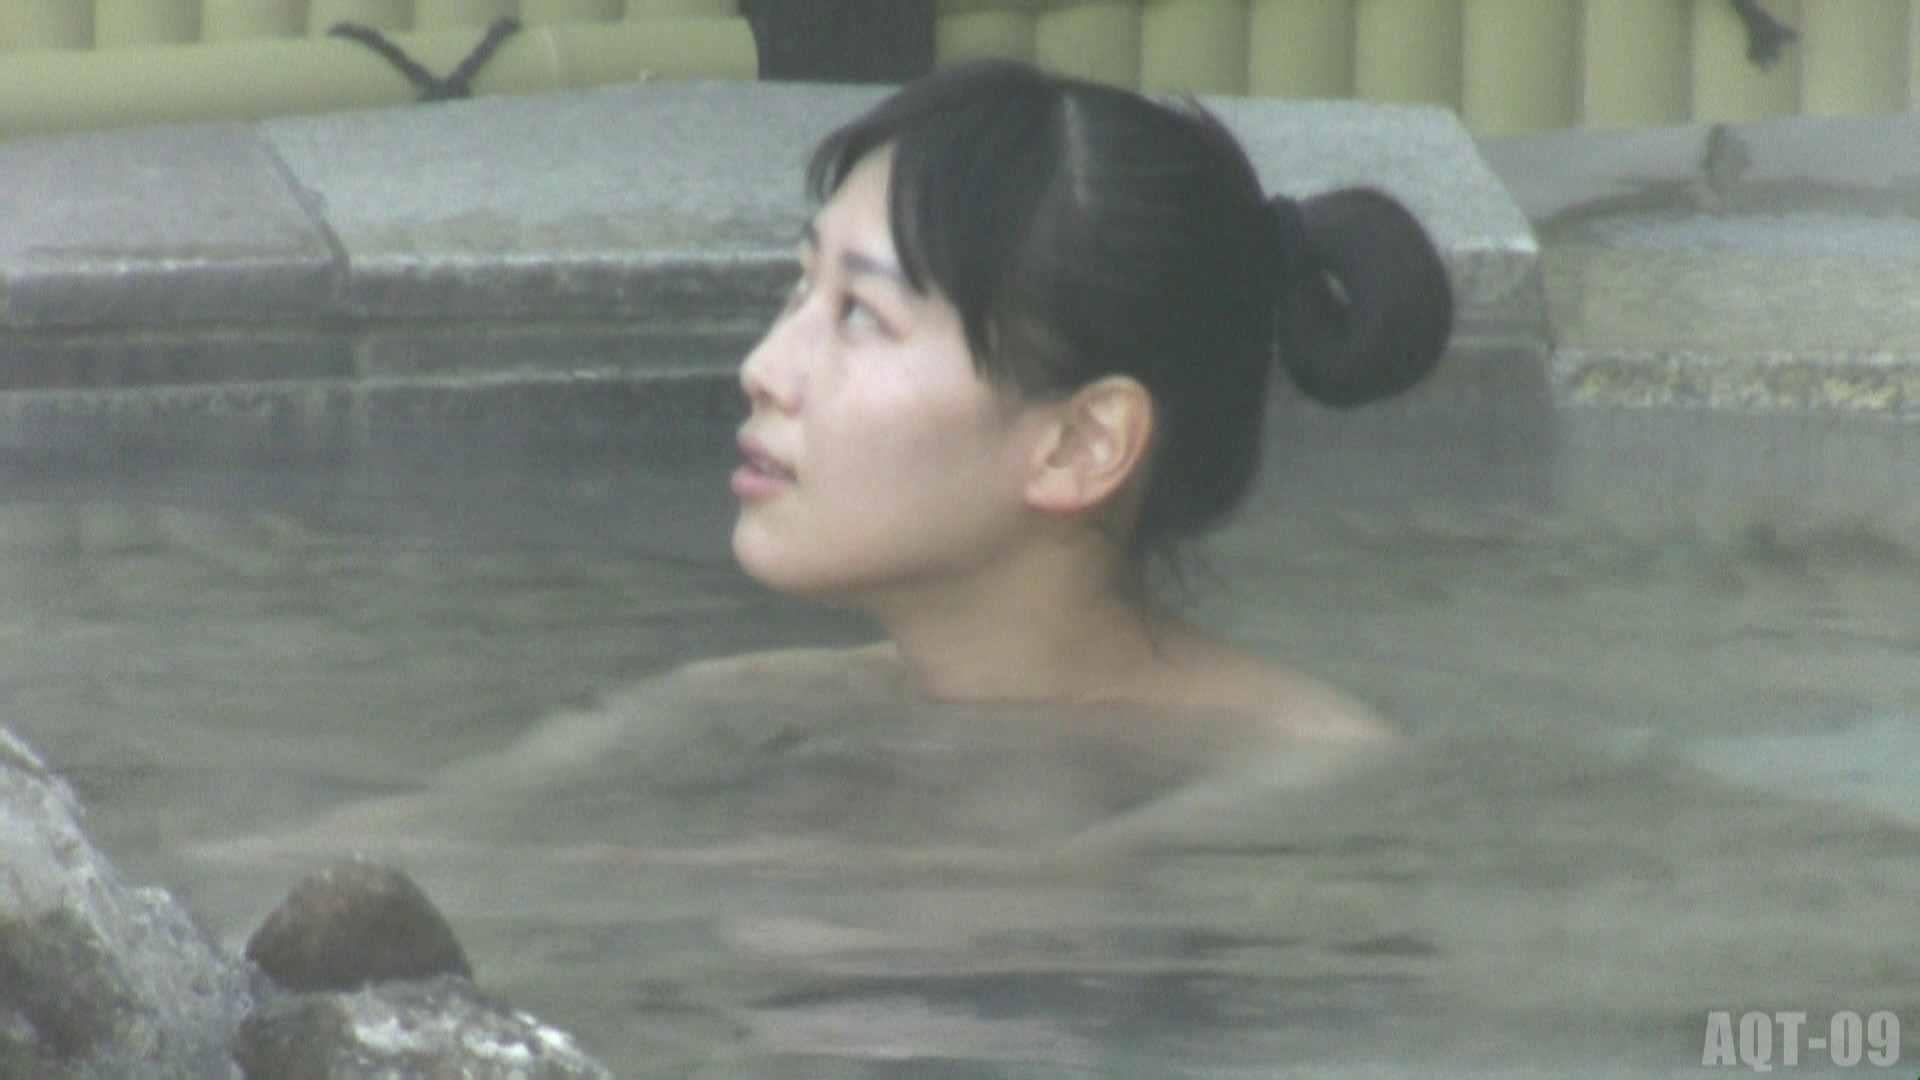 Aquaな露天風呂Vol.785 OLのプライベート | 露天  12pic 1